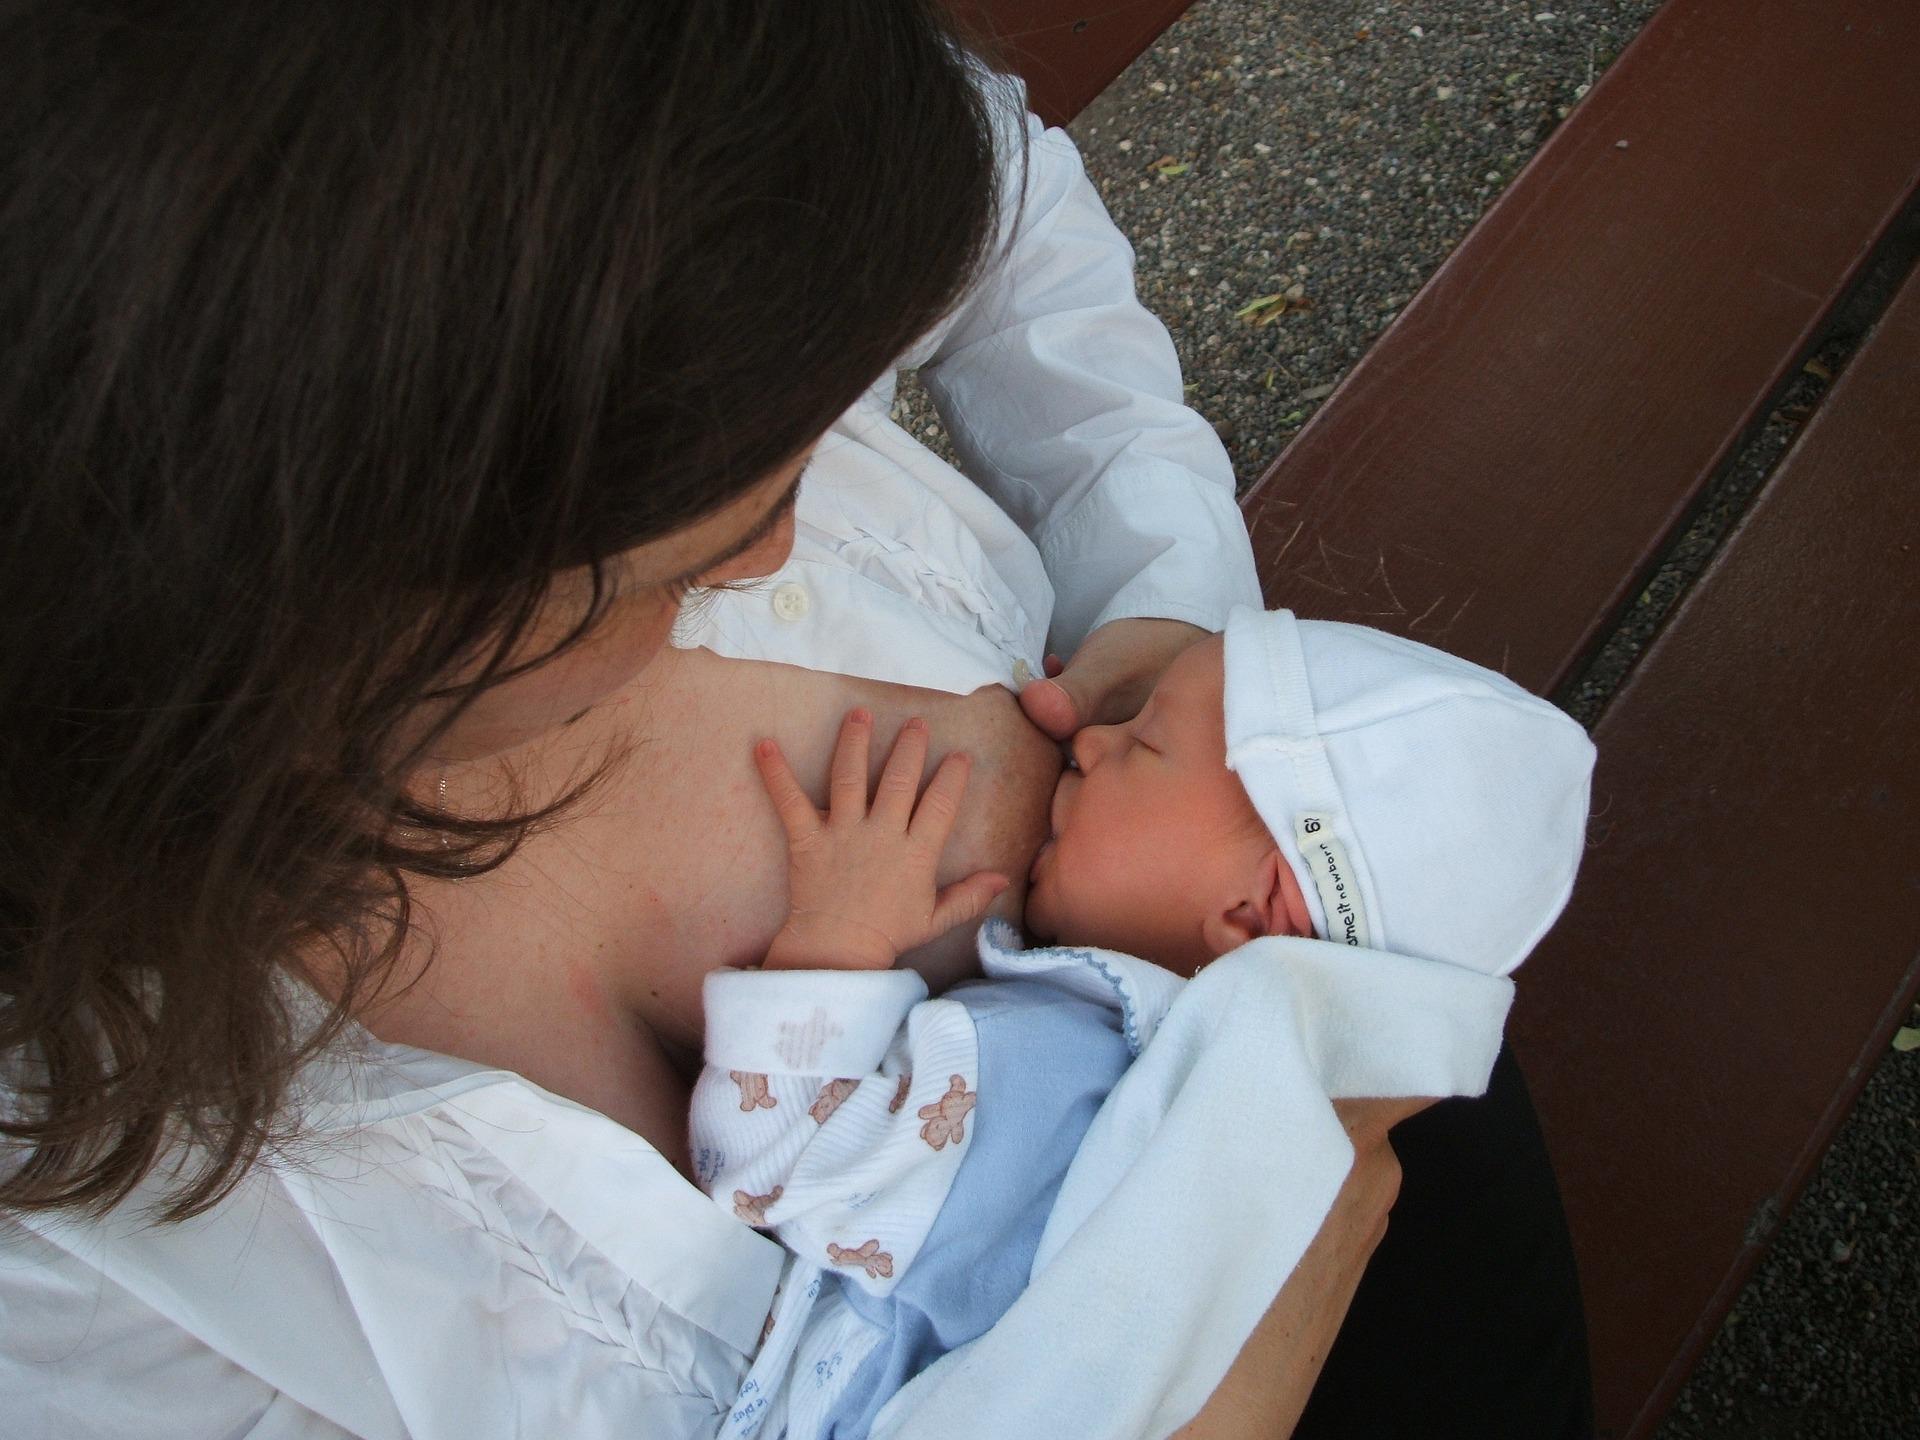 È possibile allattare in situazioni improbabili?